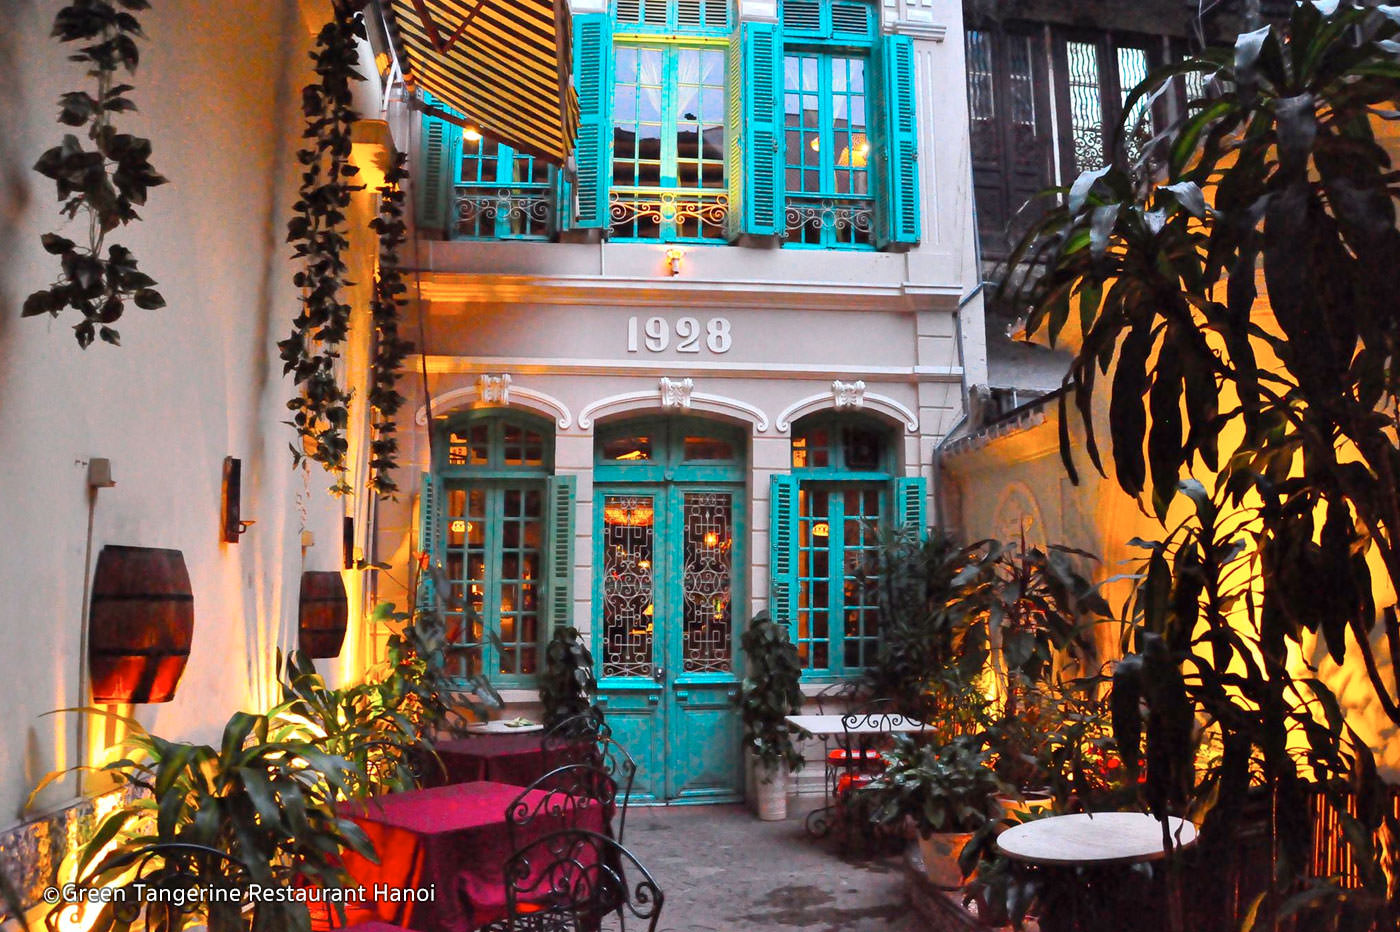 Restaurant In Hanoi-Green Tangerine